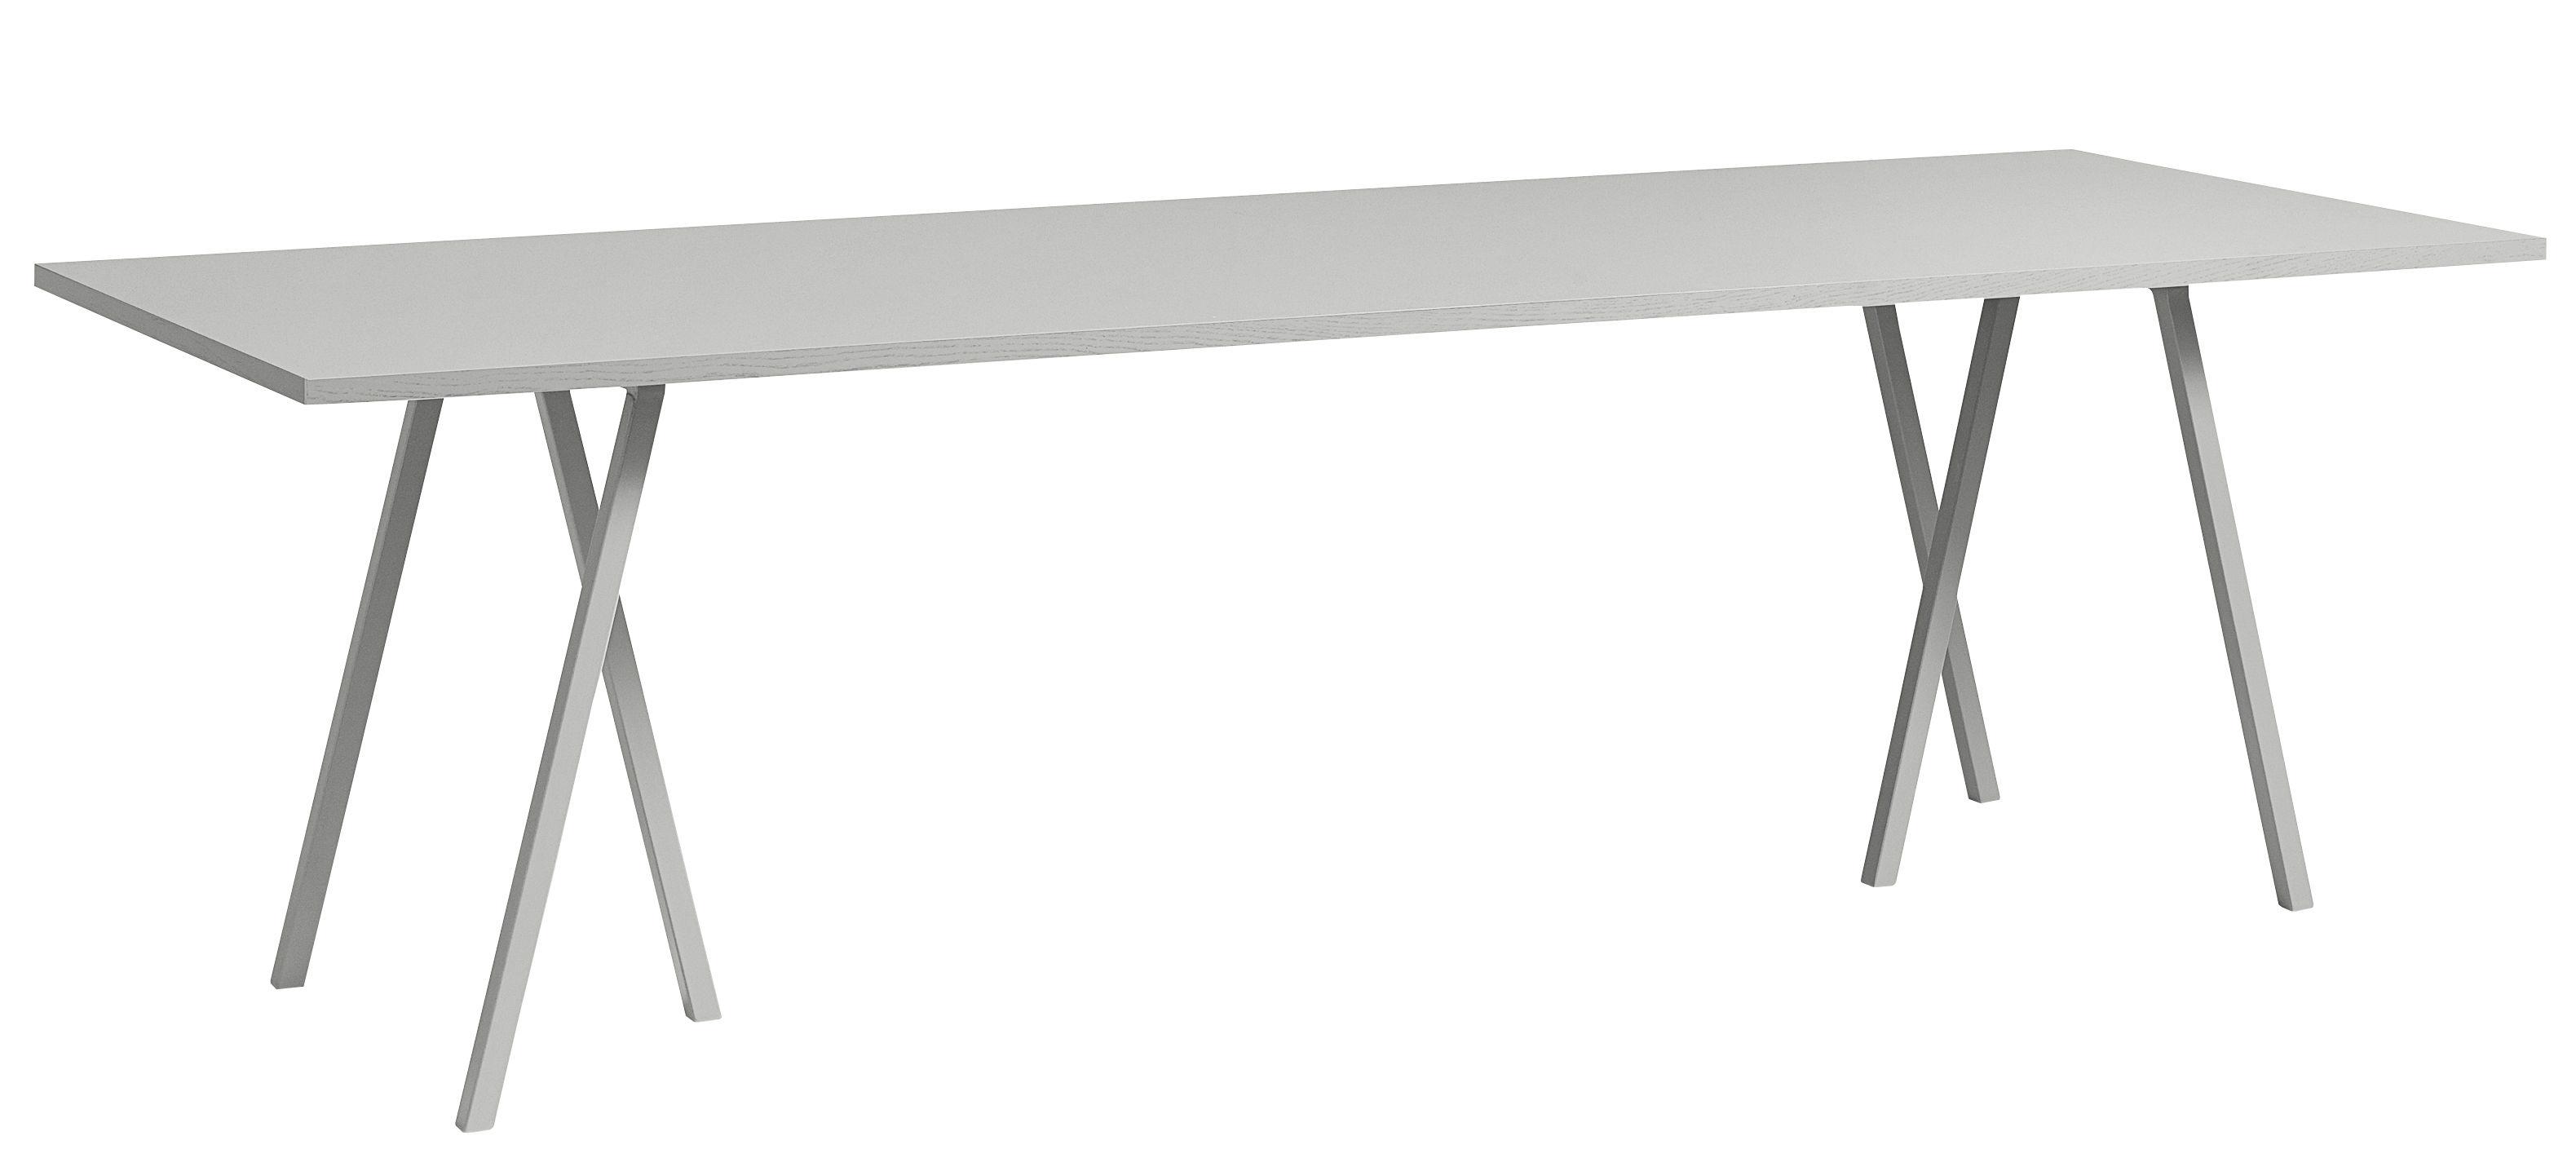 Arredamento - Mobili da ufficio - Tavolo rettangolare Loop - / L 250 cm di Hay - Grigio - Acciaio laccato